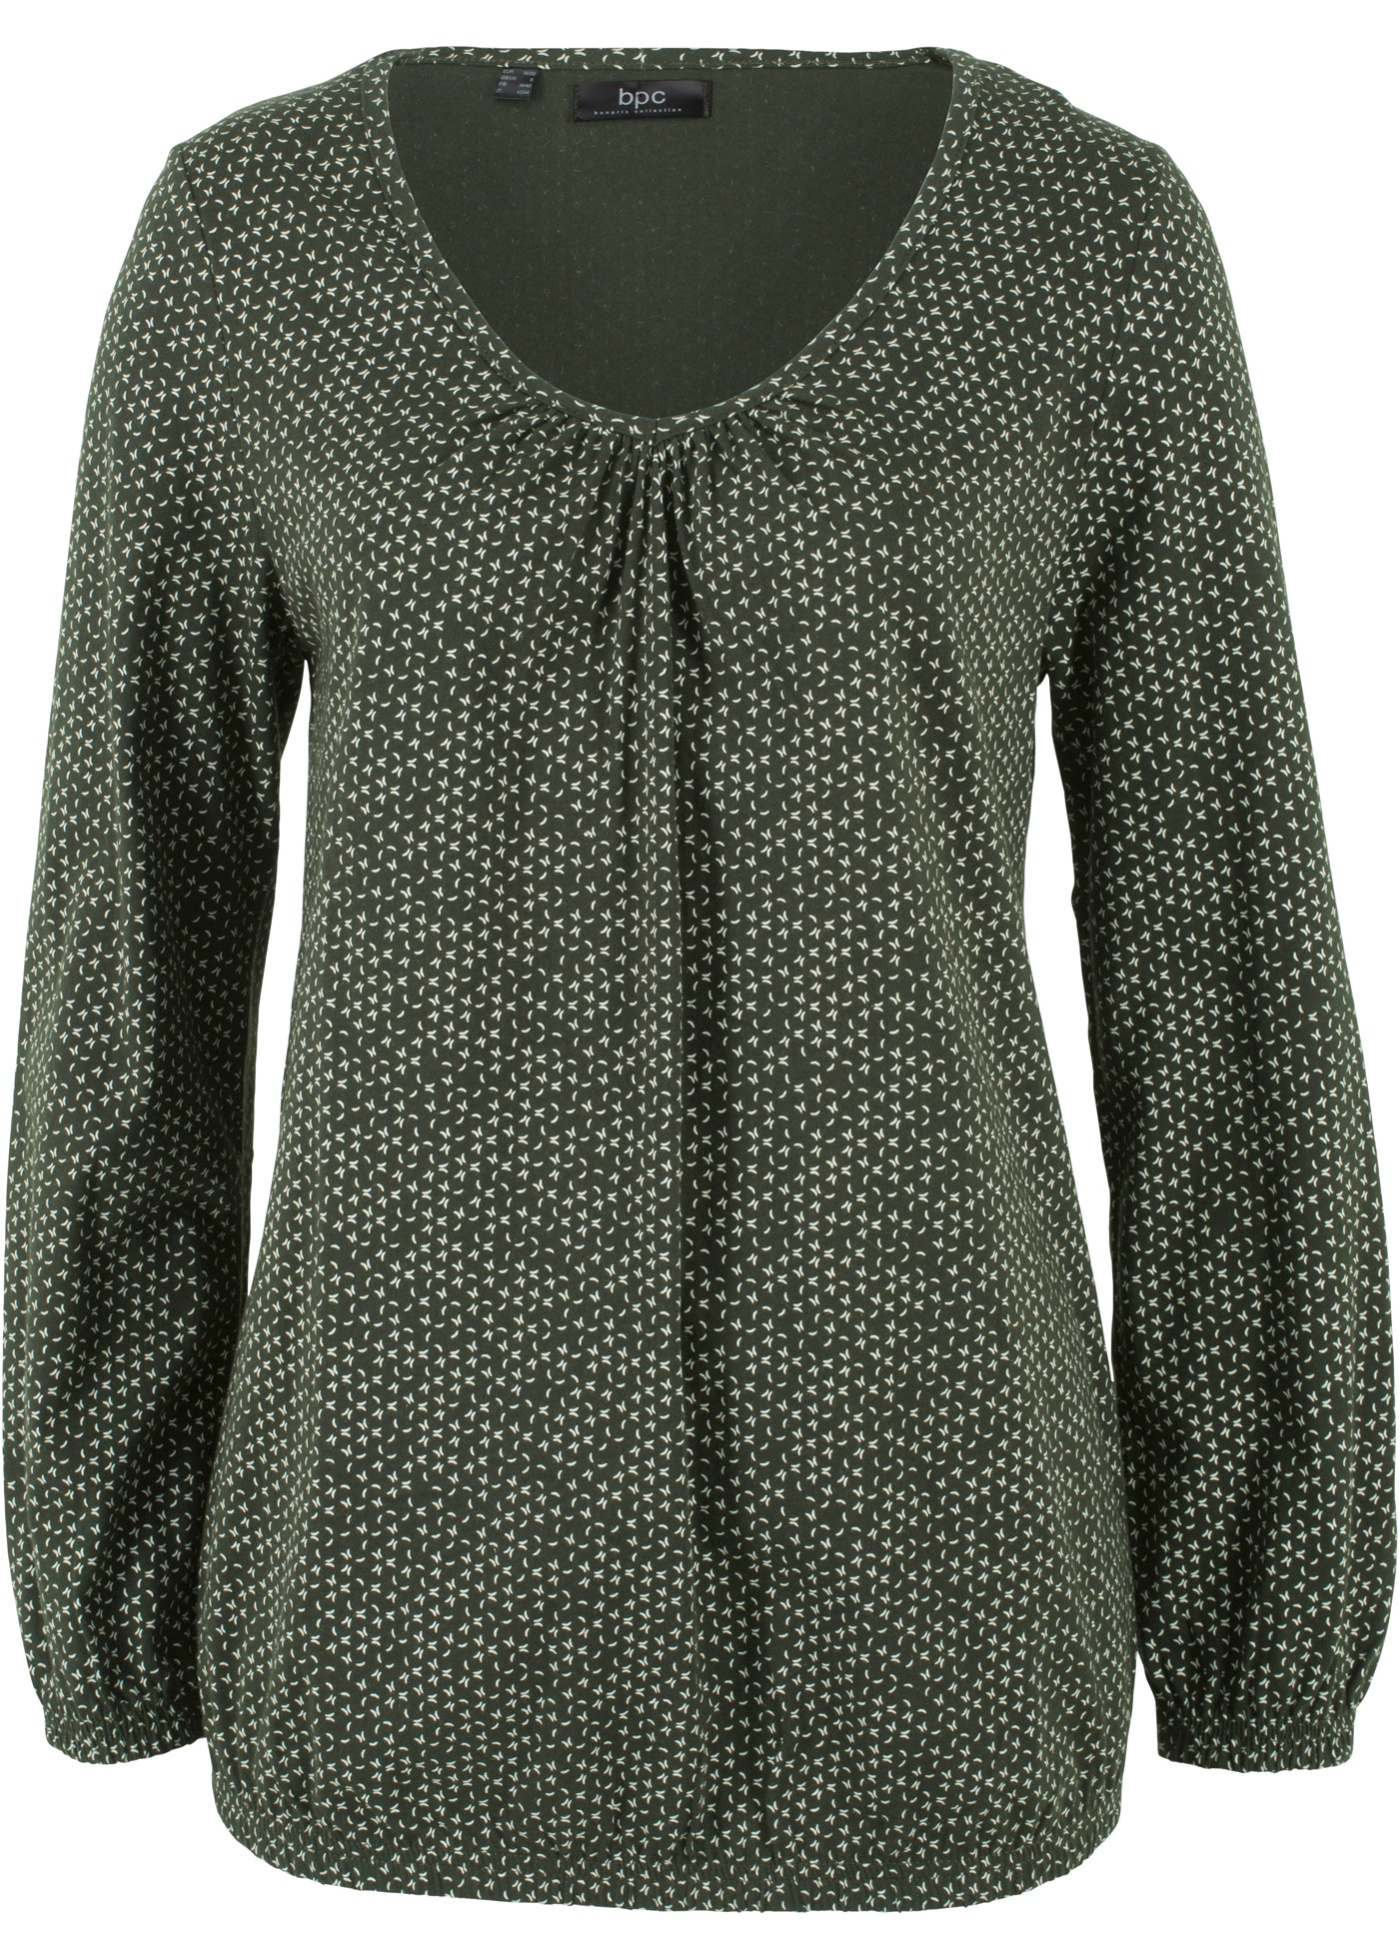 CotonManches Vert Femme Bpc shirt CollectionT Pour Bonprix Longues ARqj354L